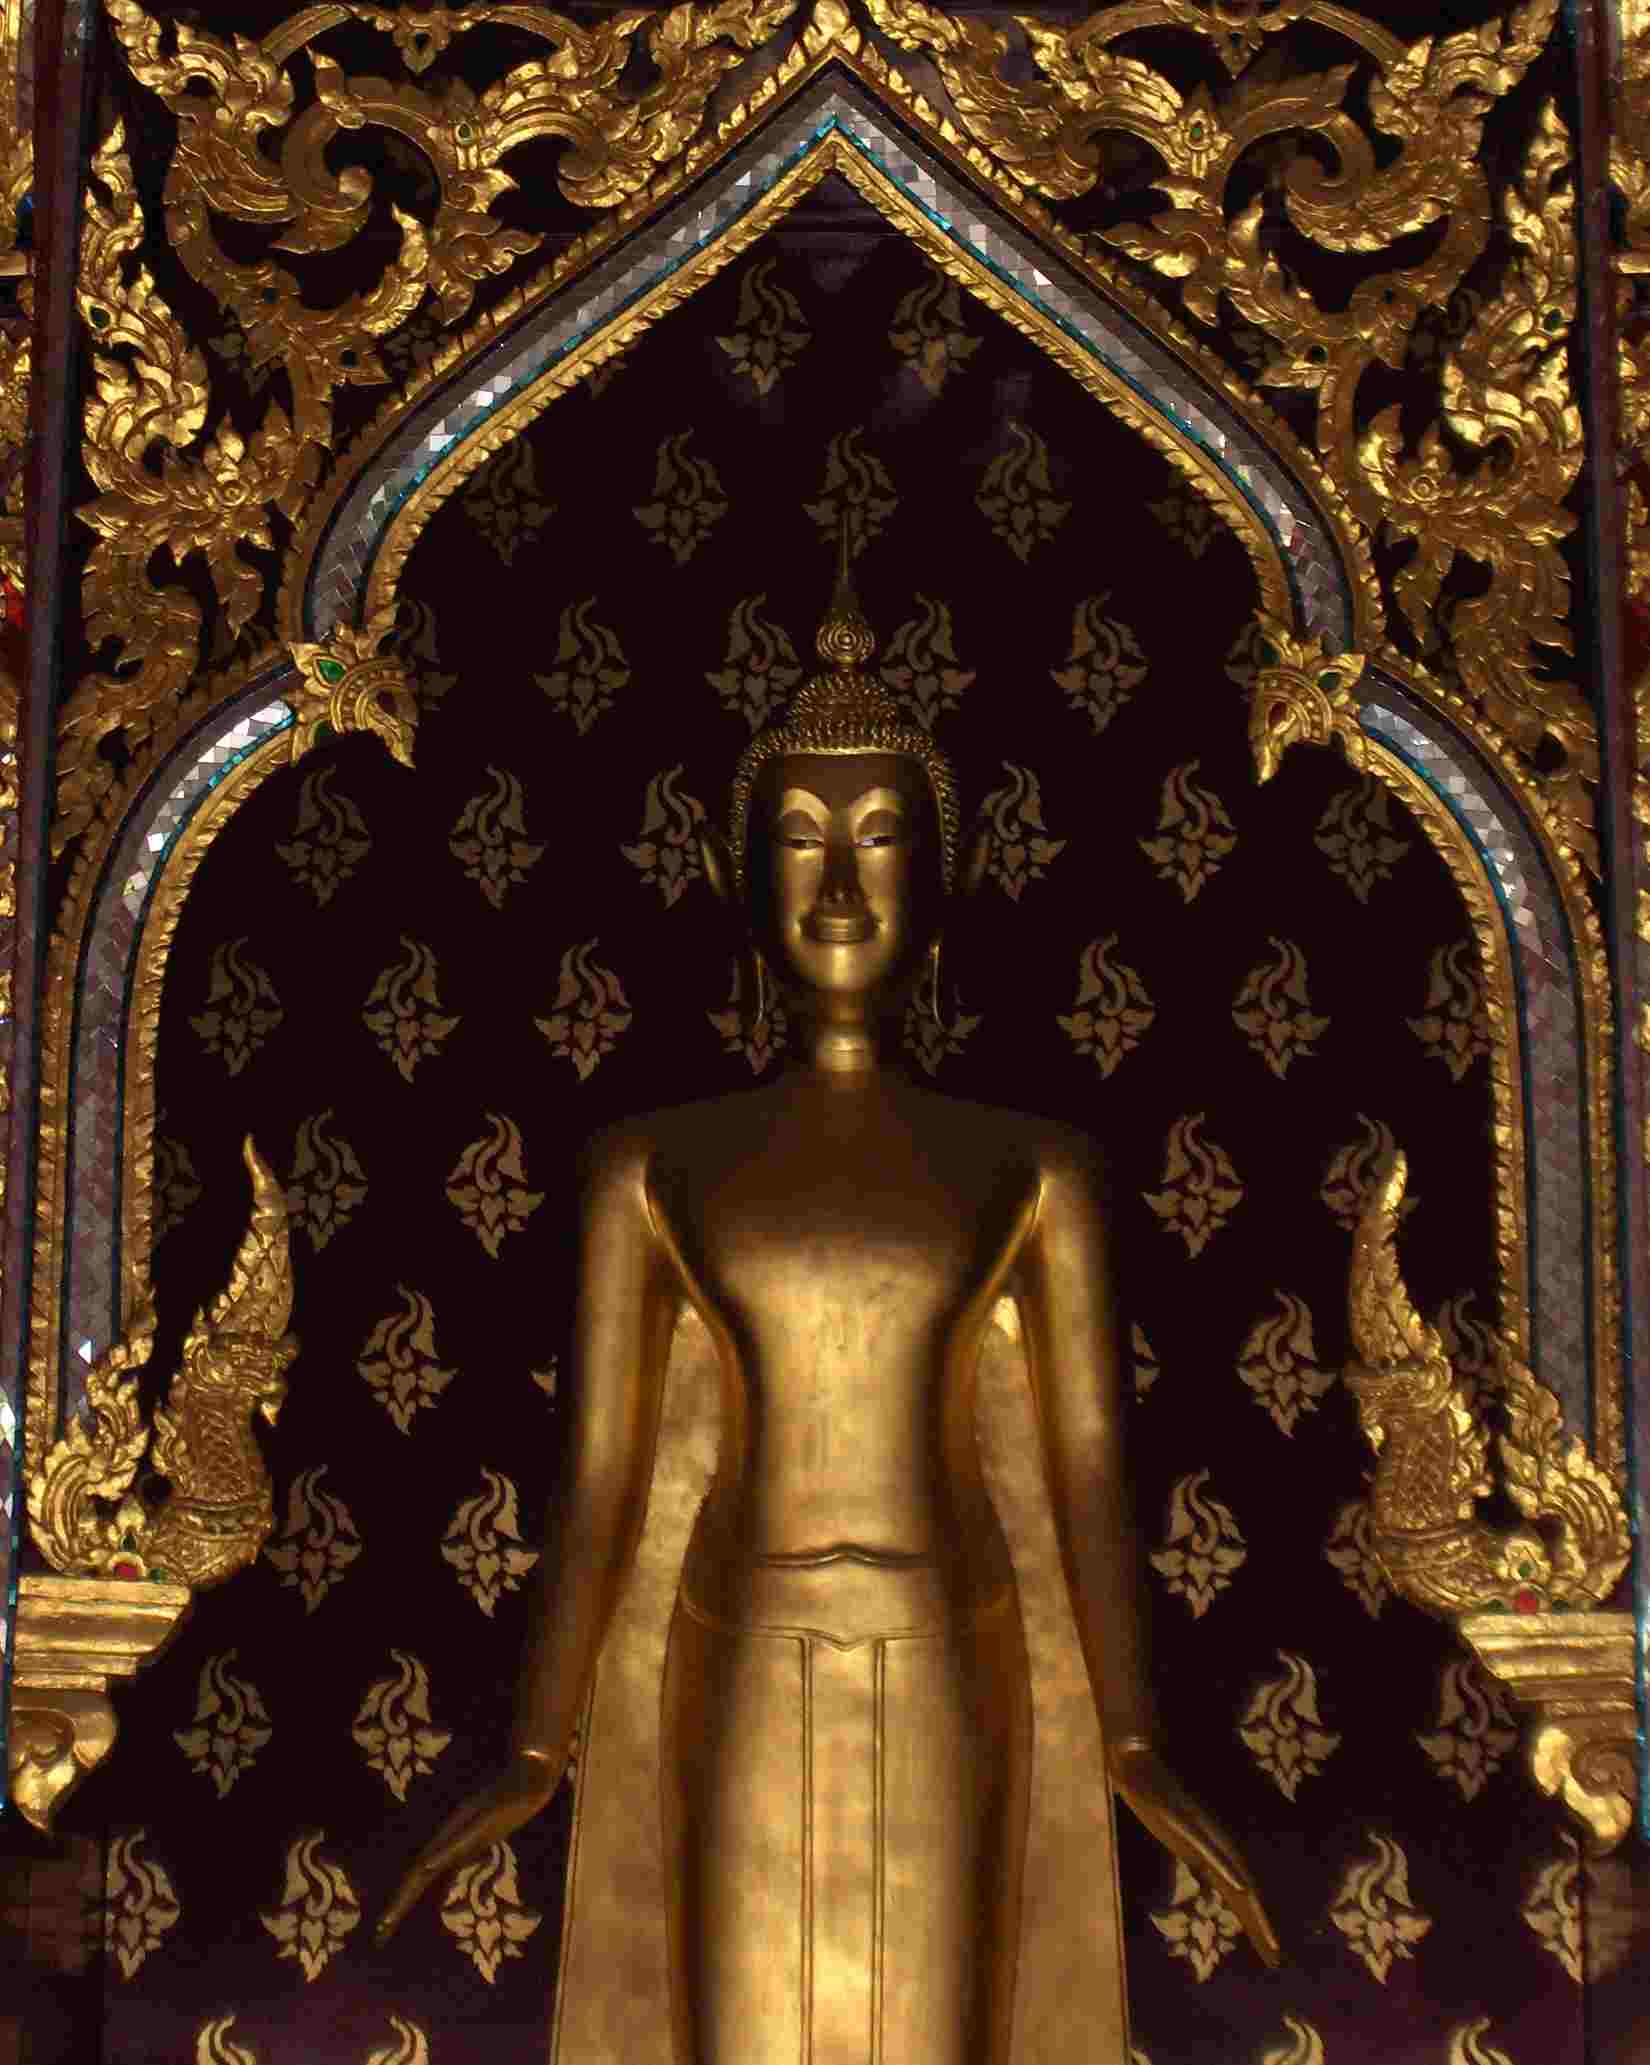 boeddha spreuken huwelijk Boeddha Wijsheden boeddha spreuken huwelijk